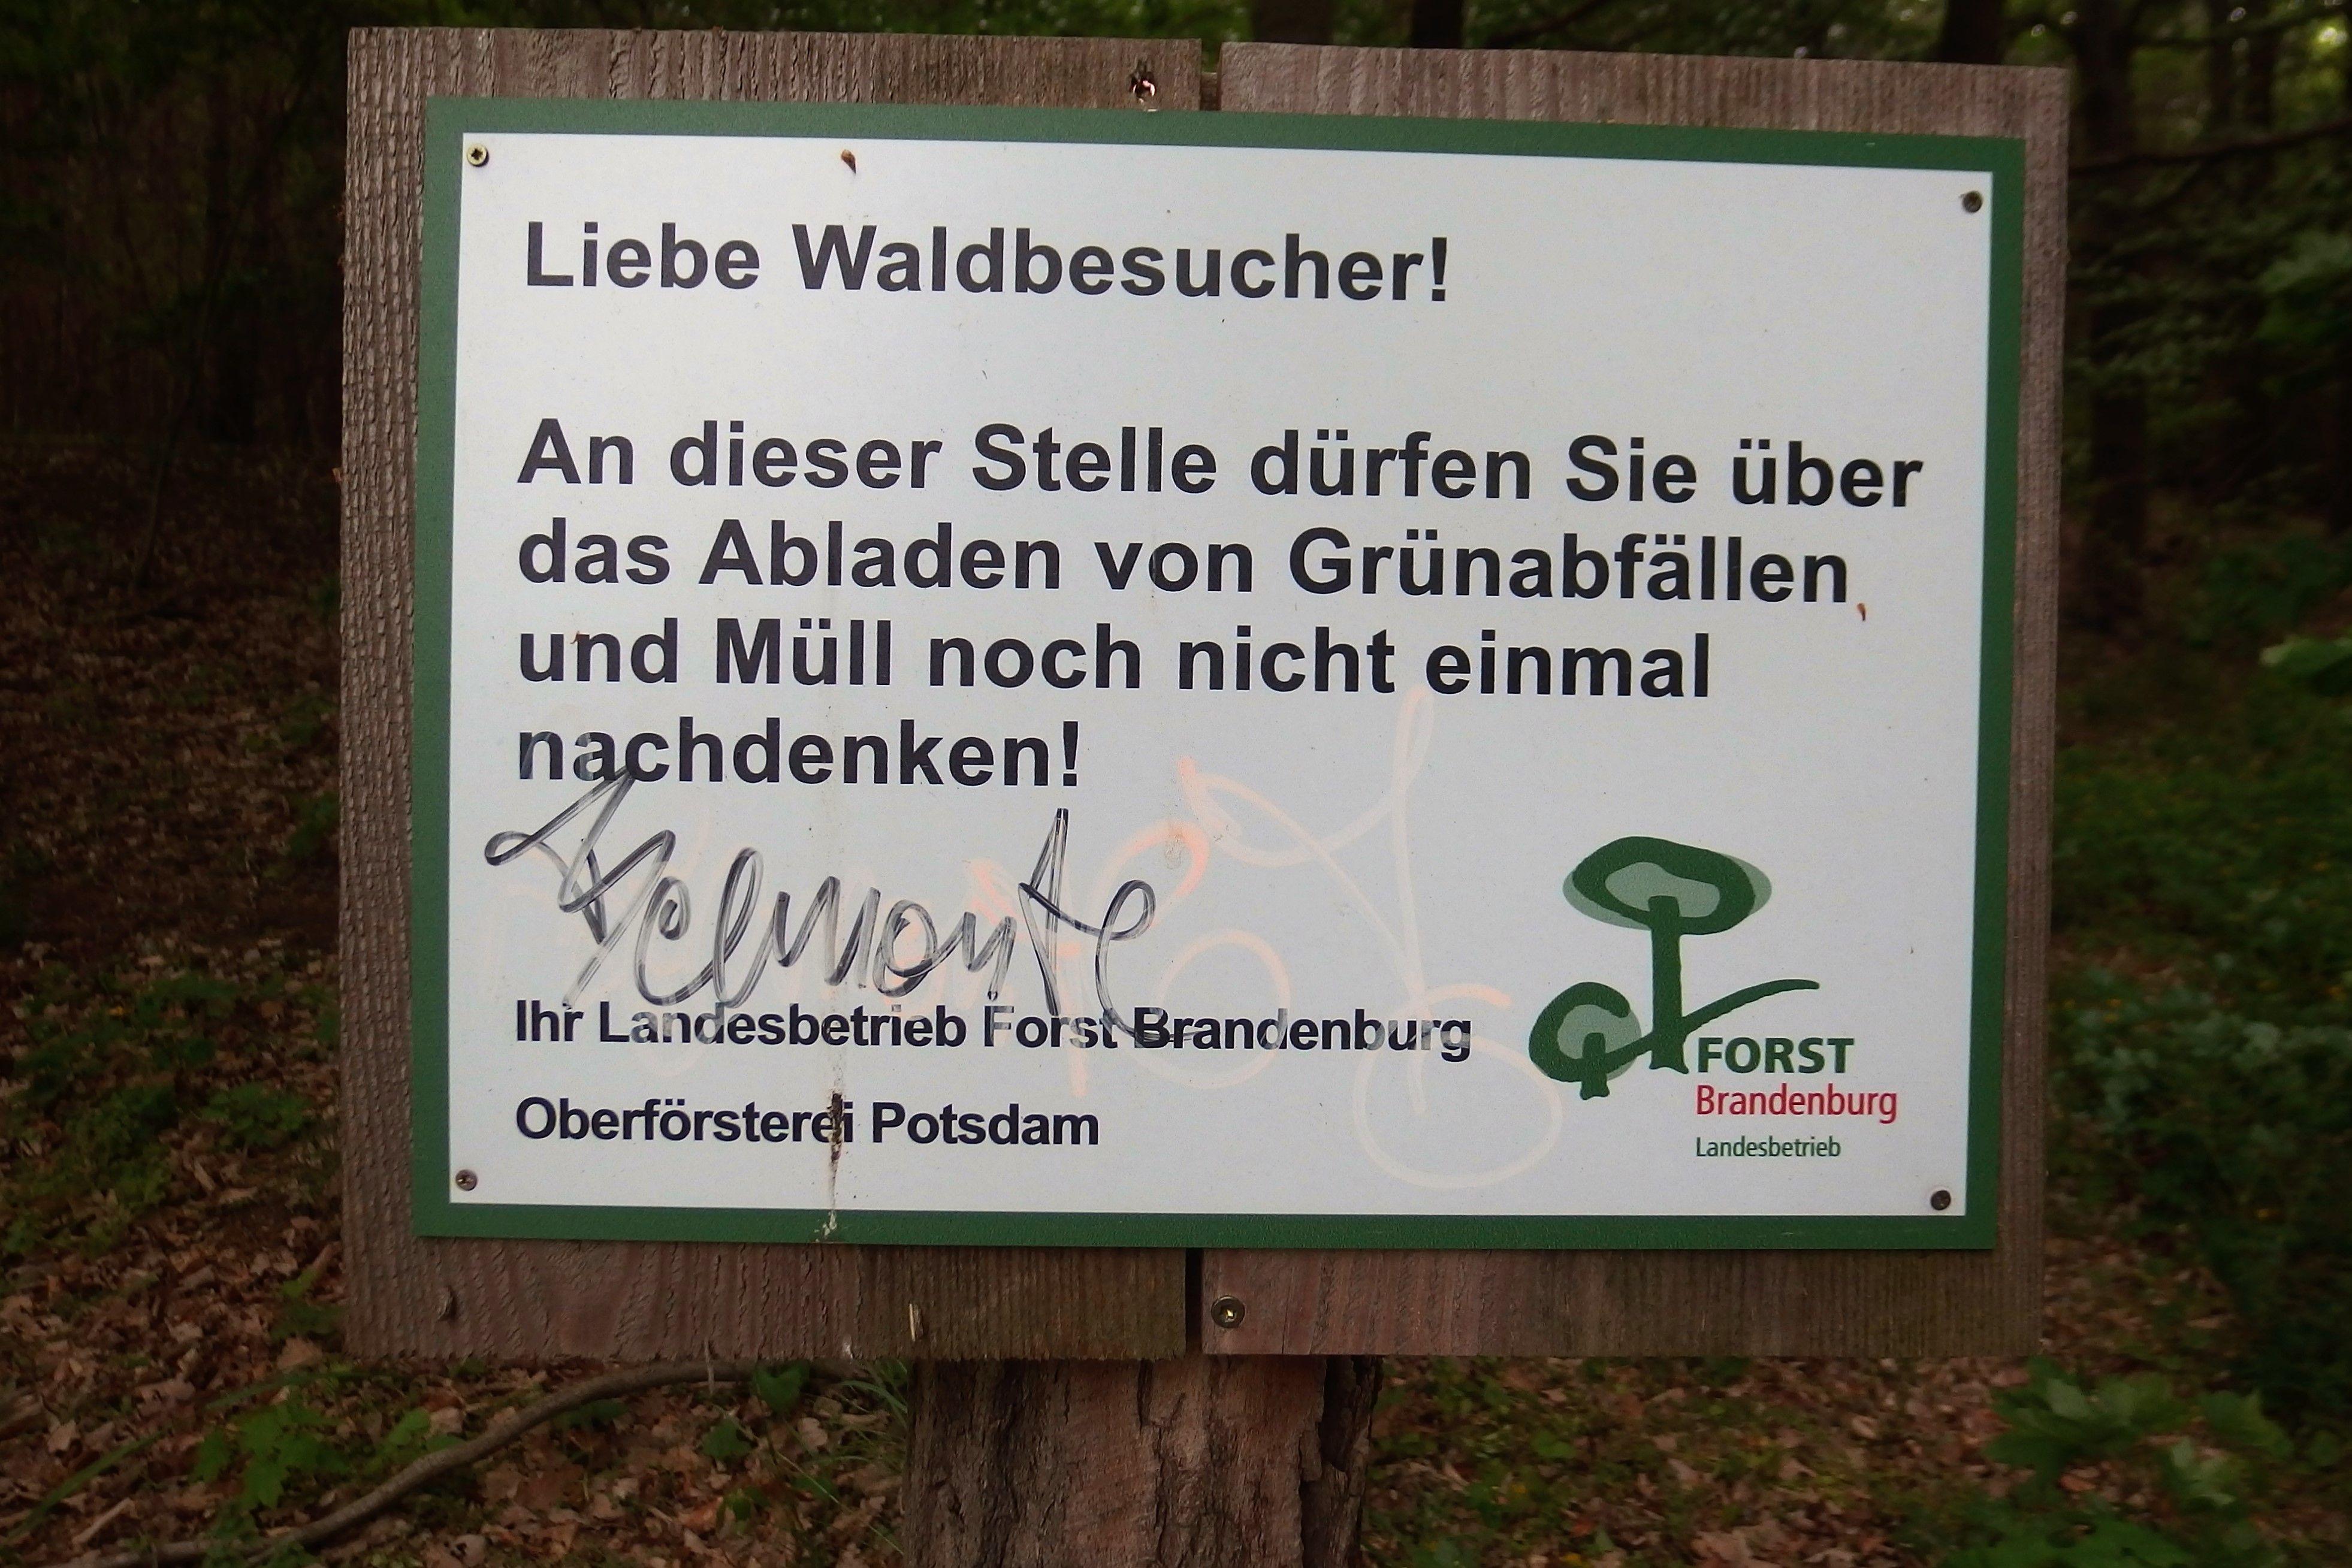 Königswald